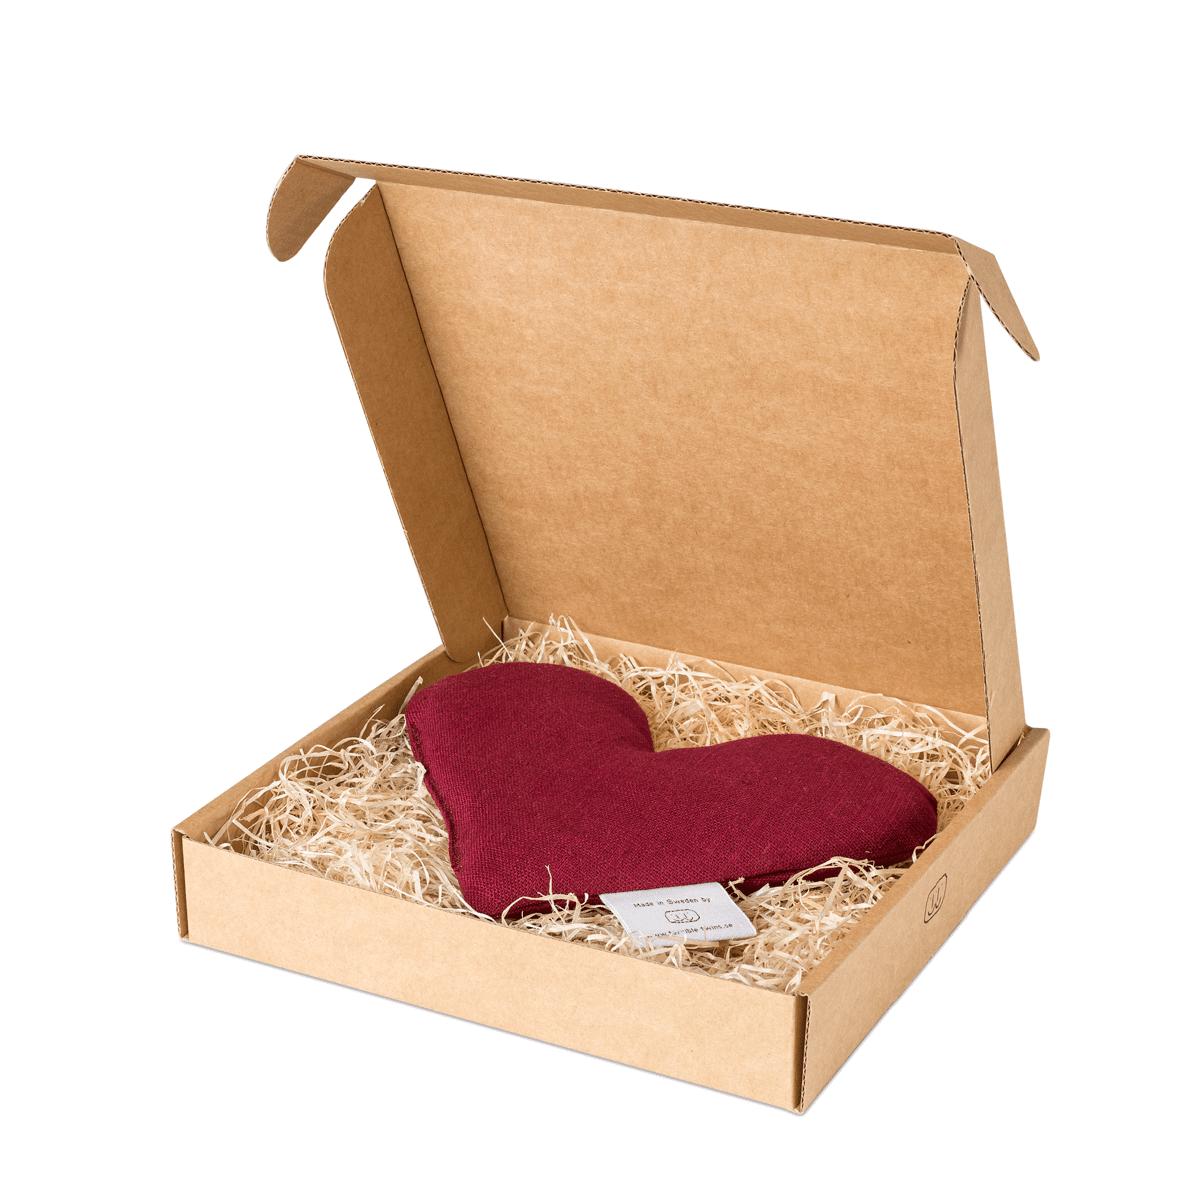 Burgundy sweetheart vetevärmare i förpackning